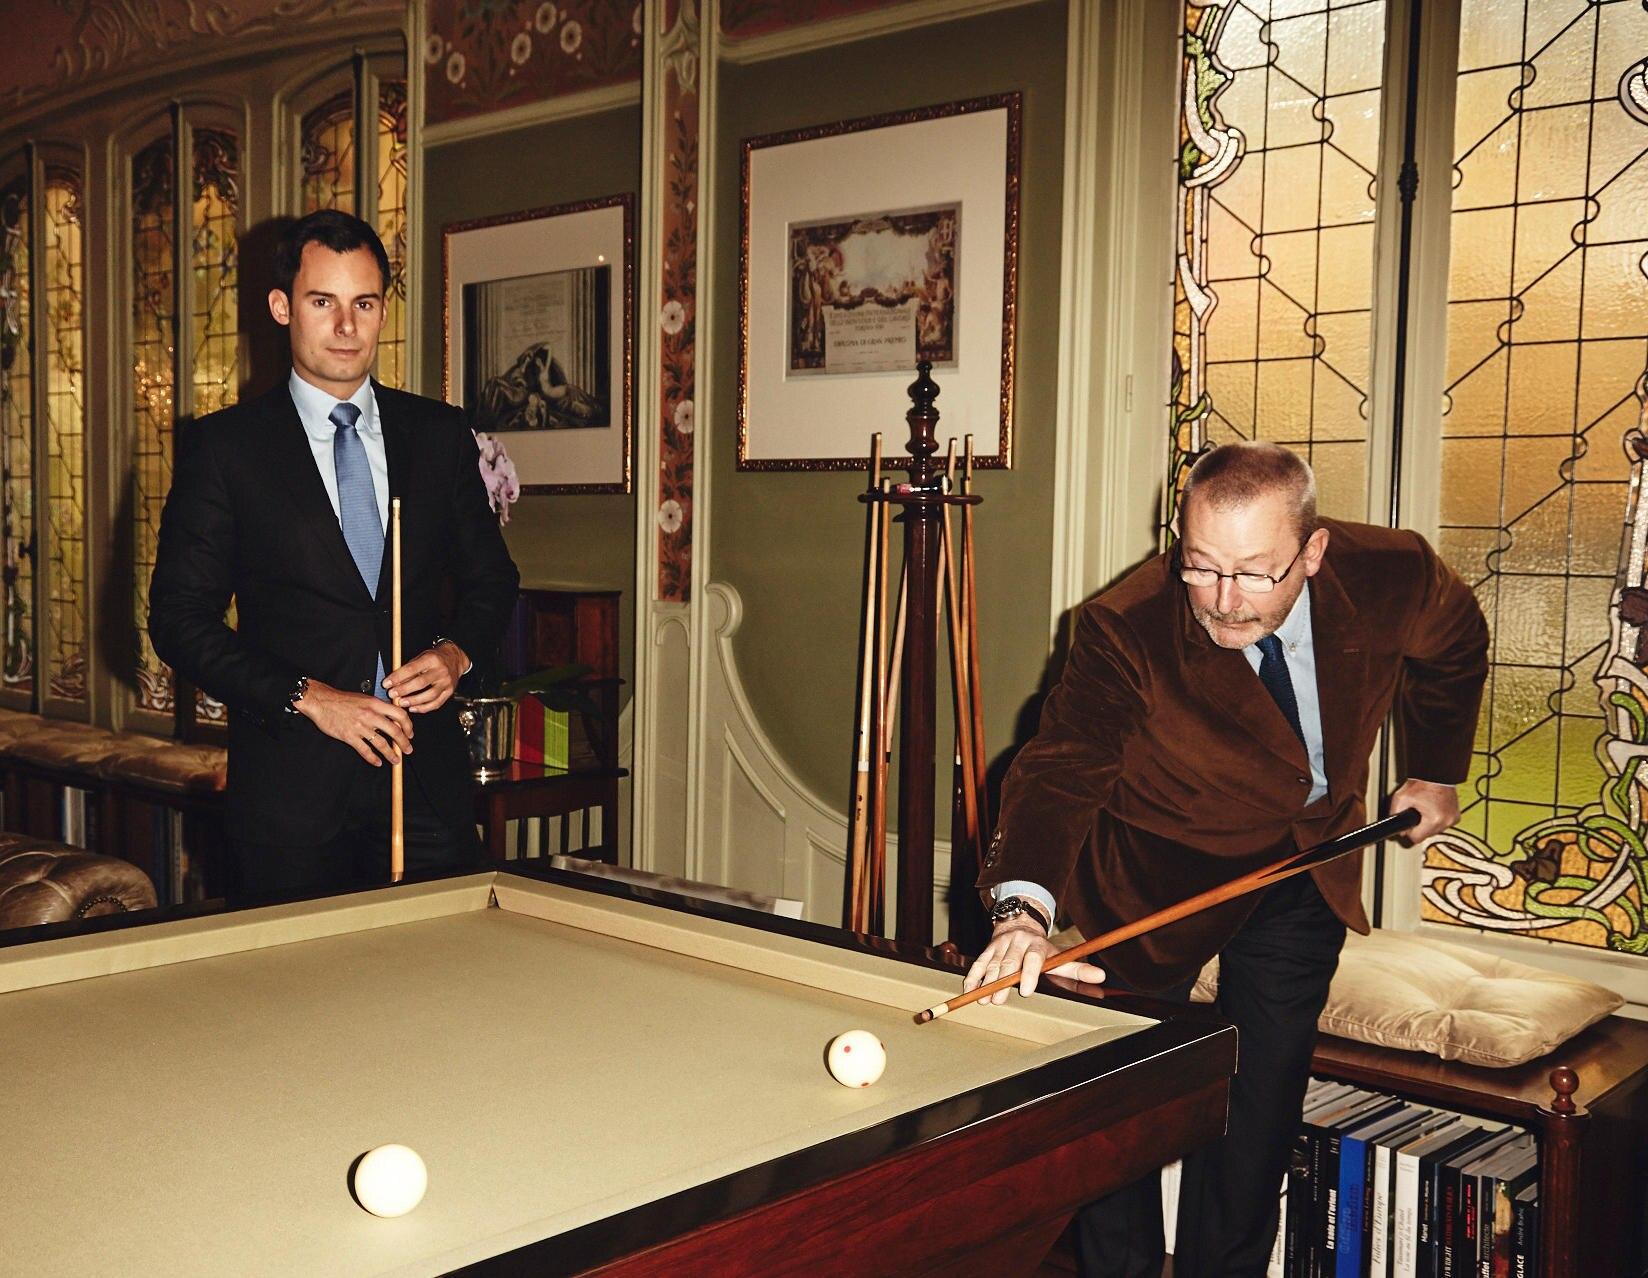 Familie Vuitton: Spielführer: Patrick Vuitton mit Sohn Benoit beim Billard im Salon.